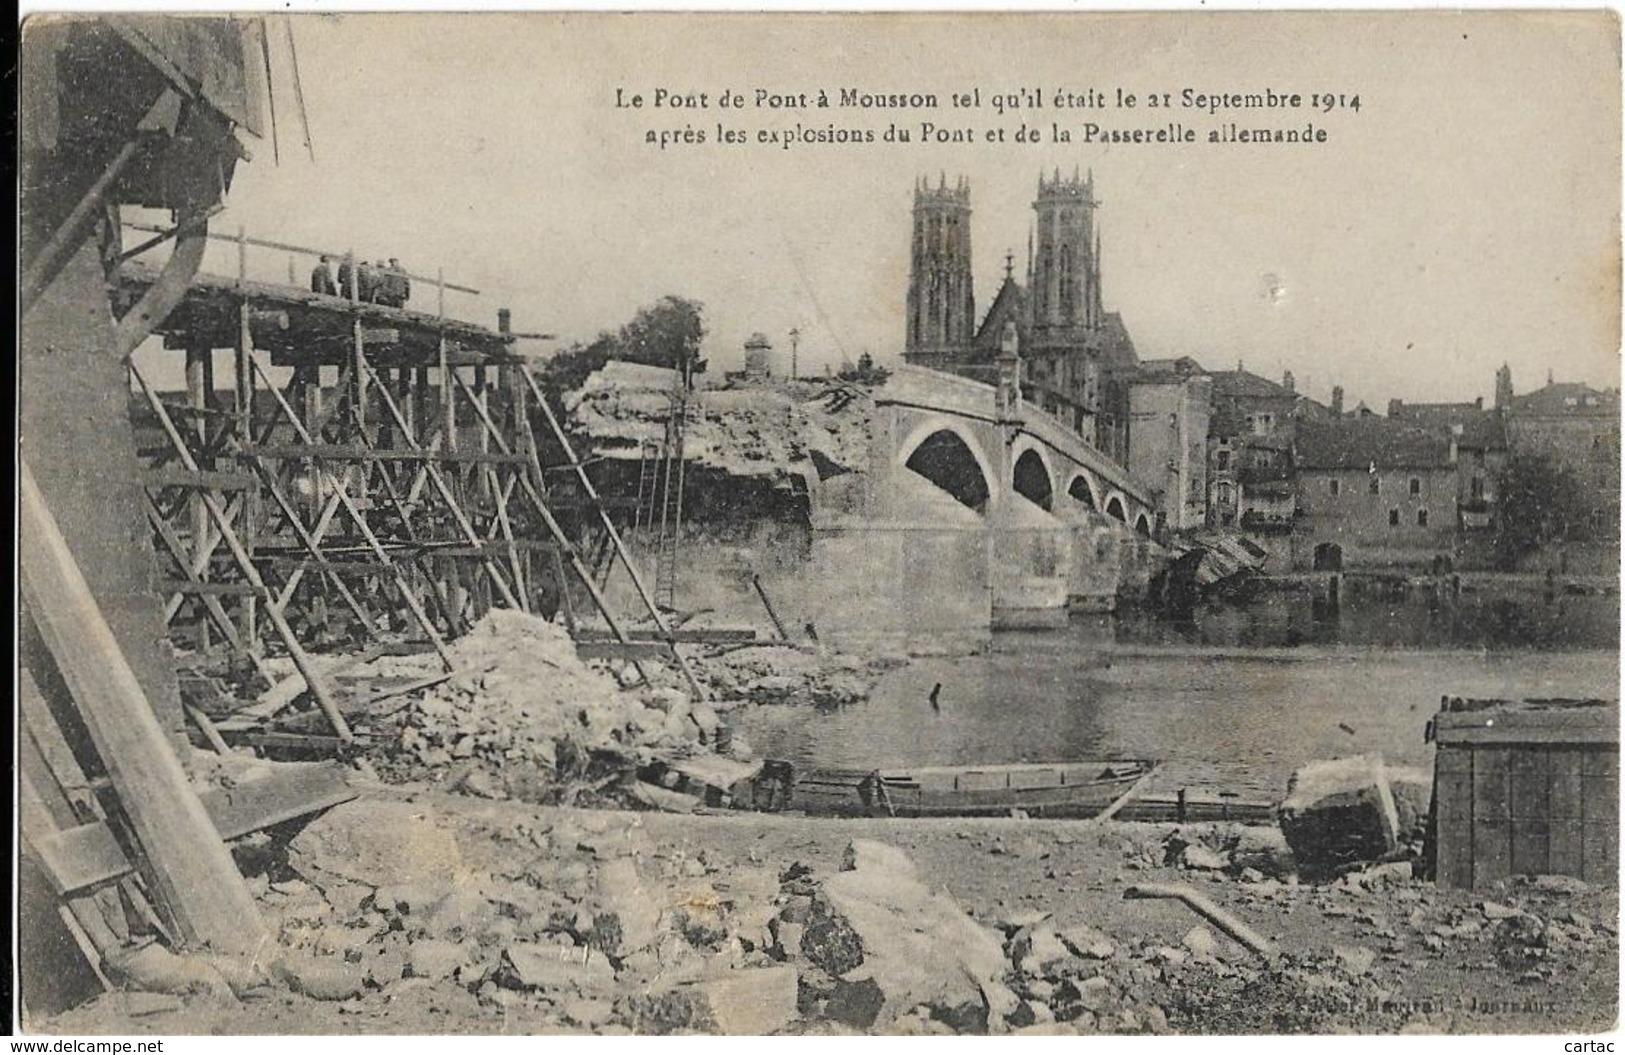 D54 - PONT A MOUSSON - LE PONT TEL QU'IL ETAIT LE 31 SEPTEMBRE 1914 APRES LES EXPLOSIONS DU PONT ET PASSERELLE ALLEMANDE - Pont A Mousson